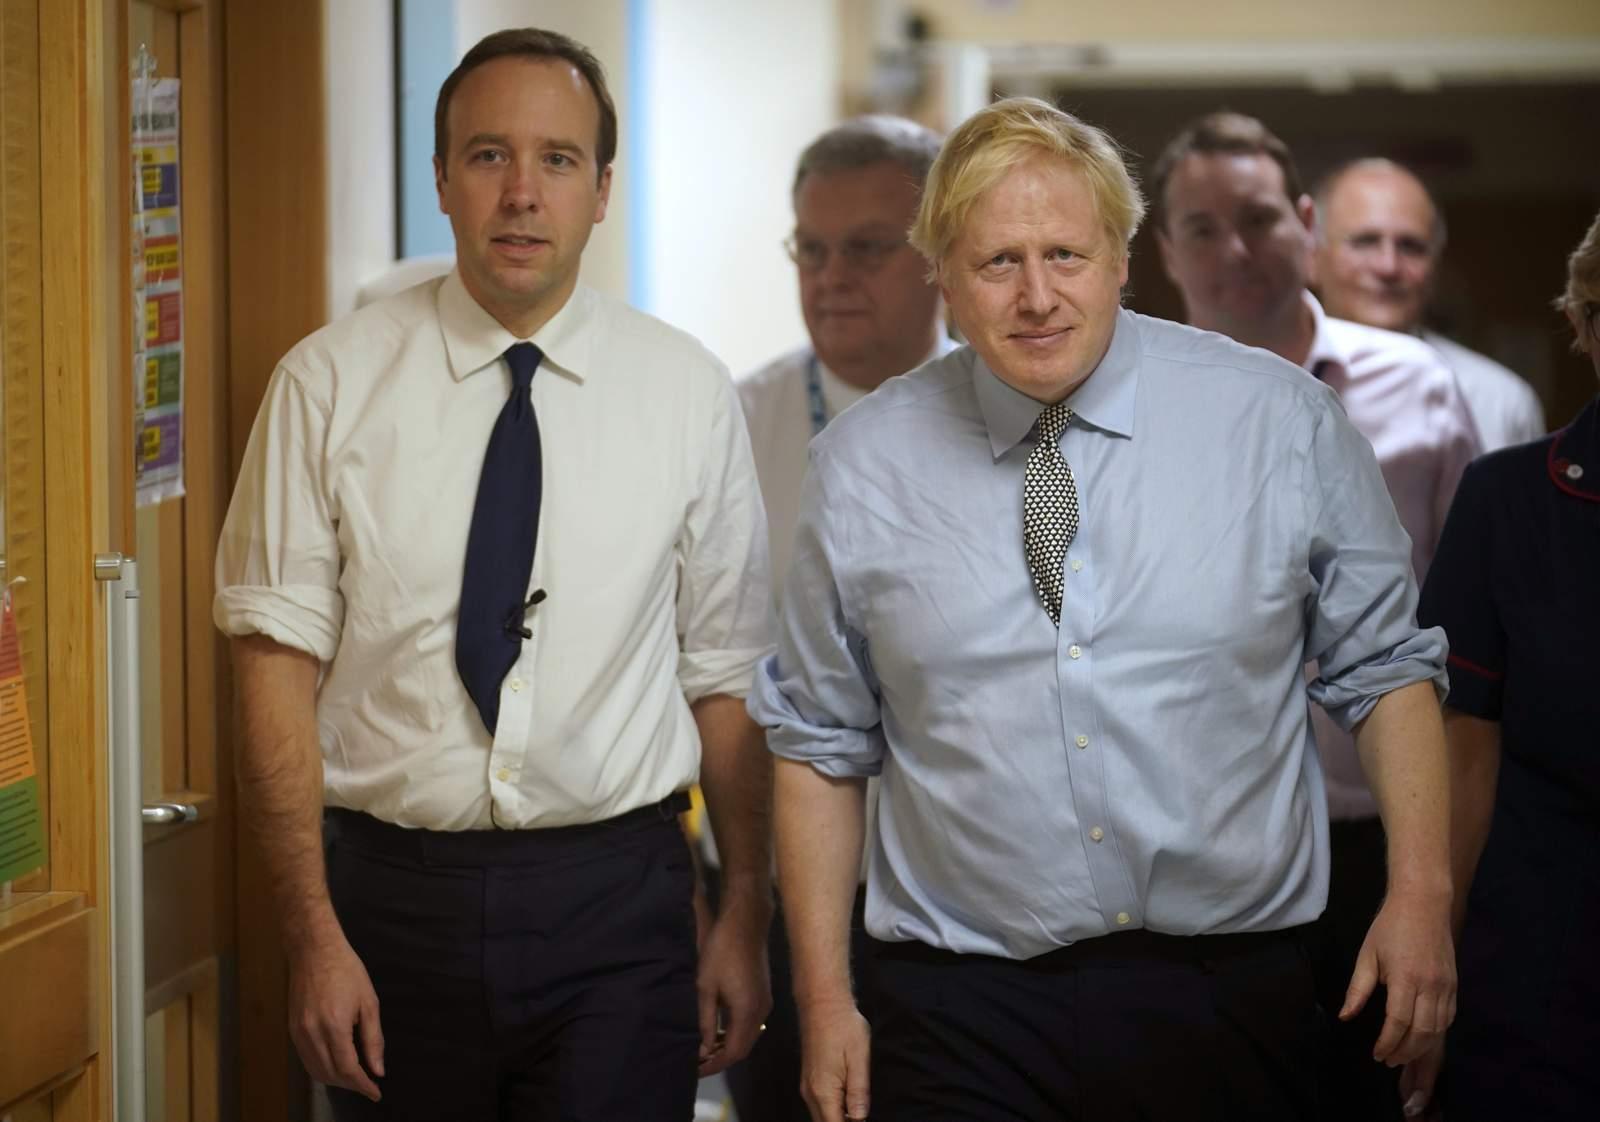 Segundo miembro del gabinete del Reino Unido se une a Johnson para tener síntomas de virus 44